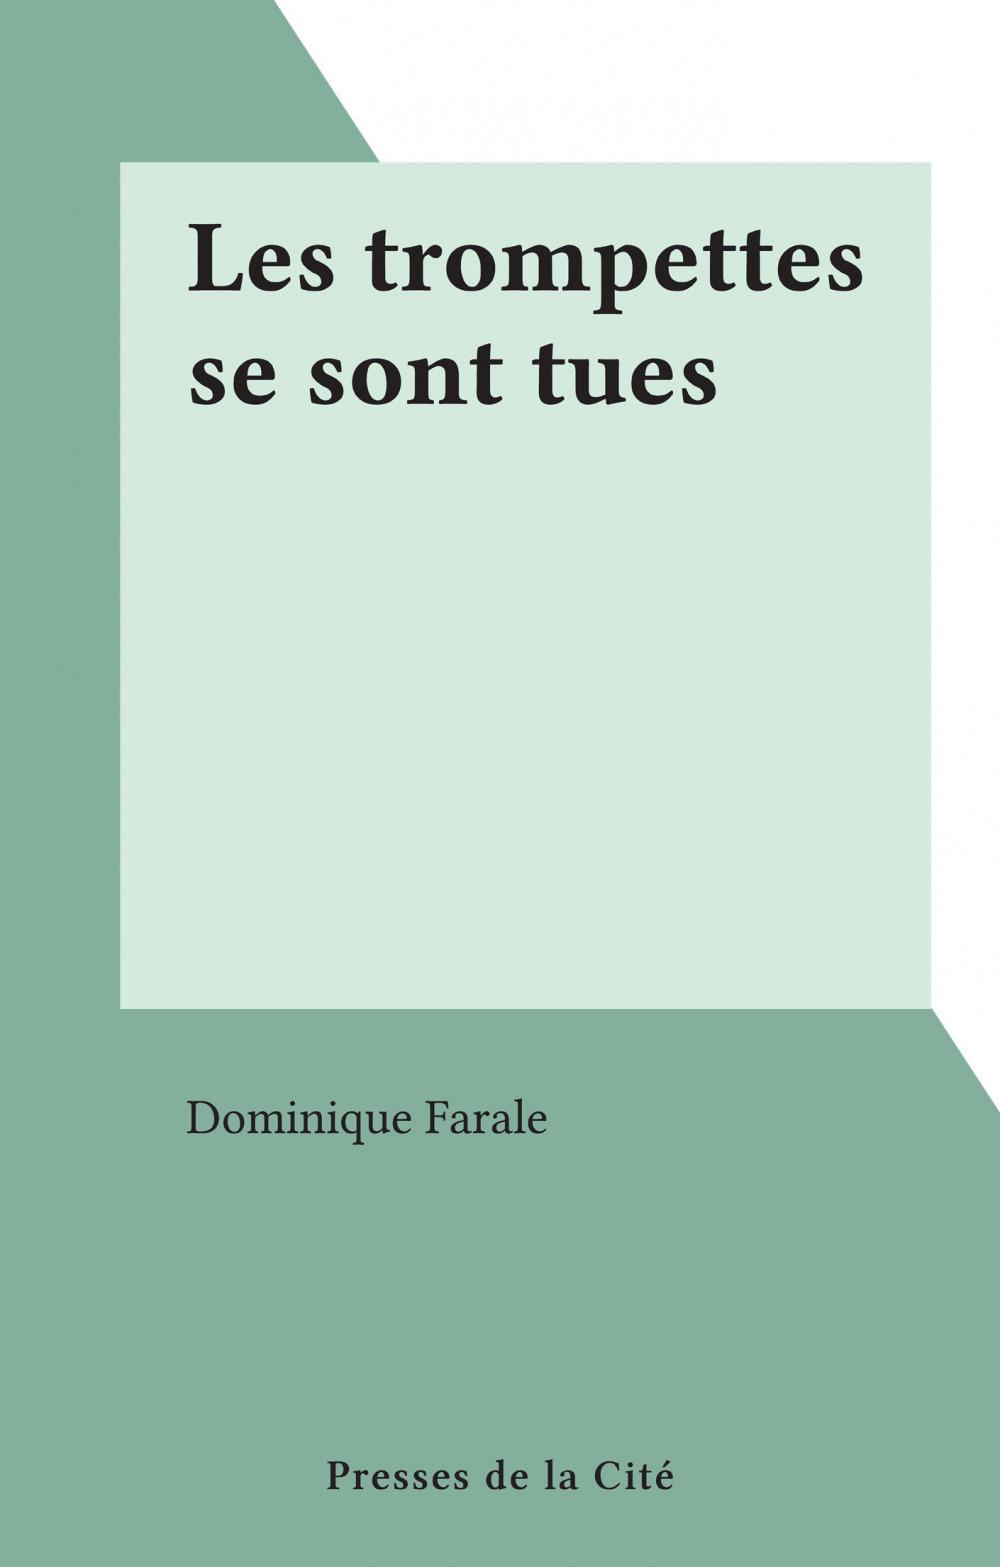 Les trompettes se sont tues  - Dominique Farale